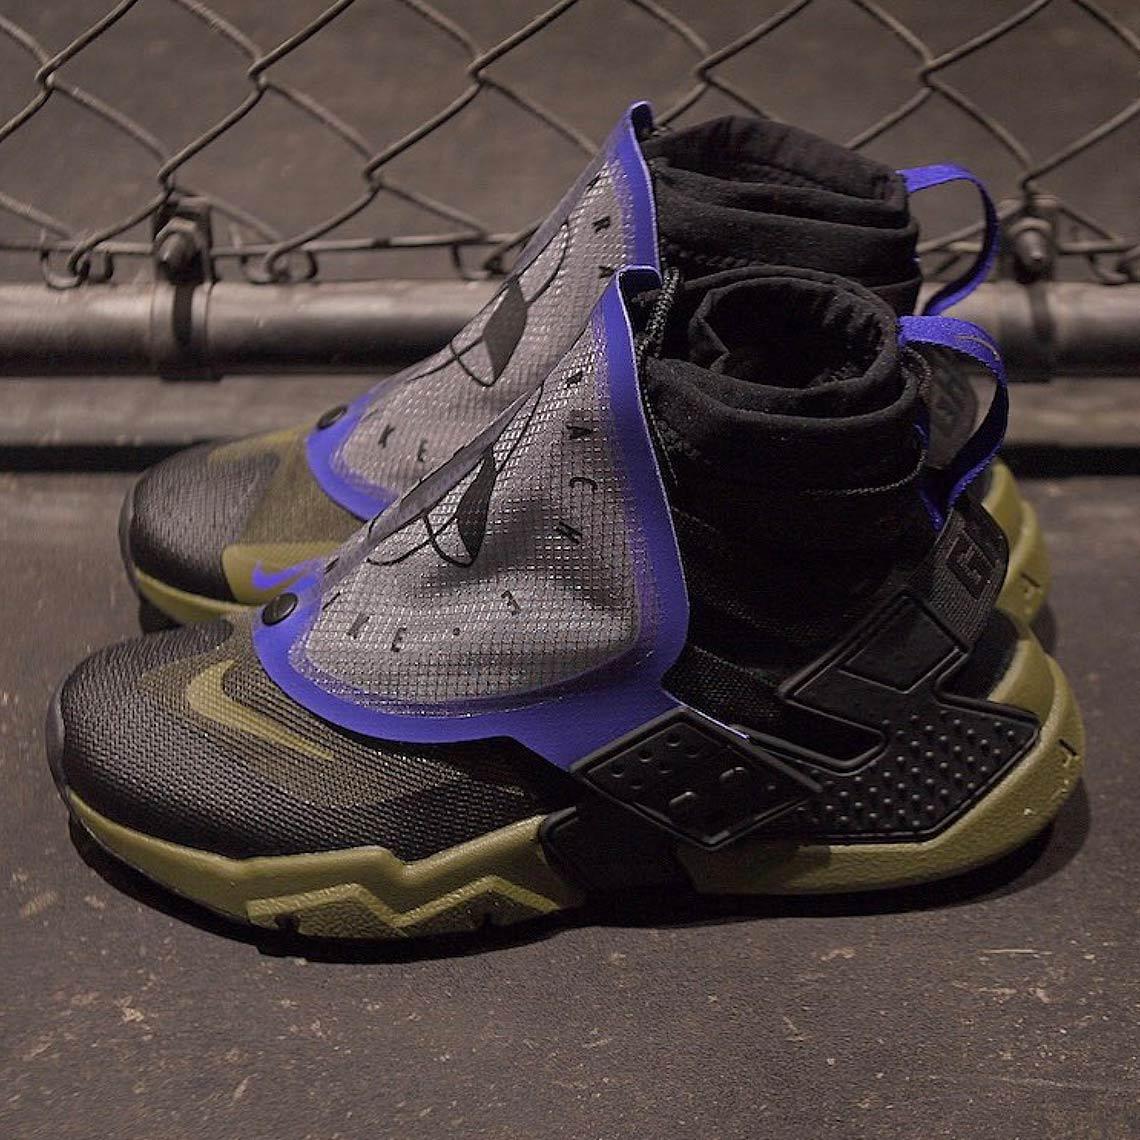 nike air huarache grip black olive - Nike Air Huarache Grip First Look